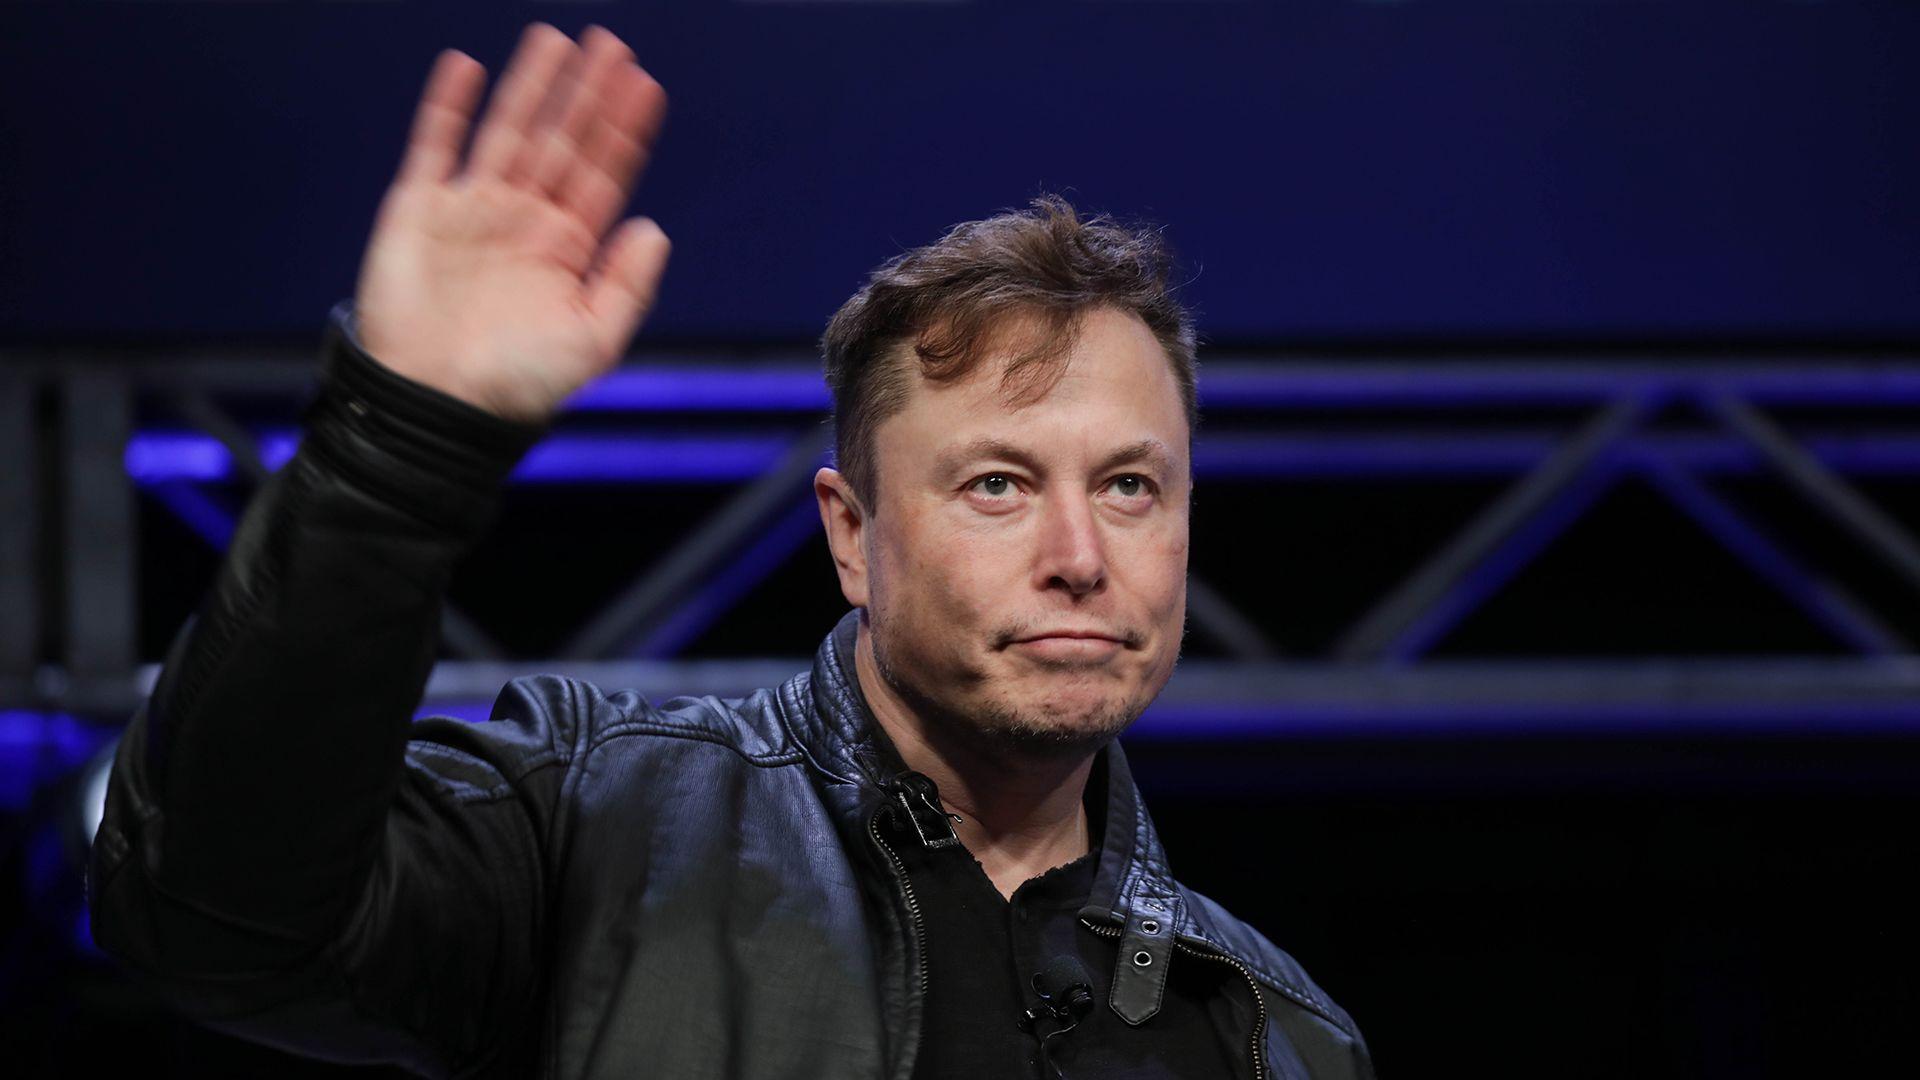 1200 lélegeztetőgépet gyártatott Elon Musk